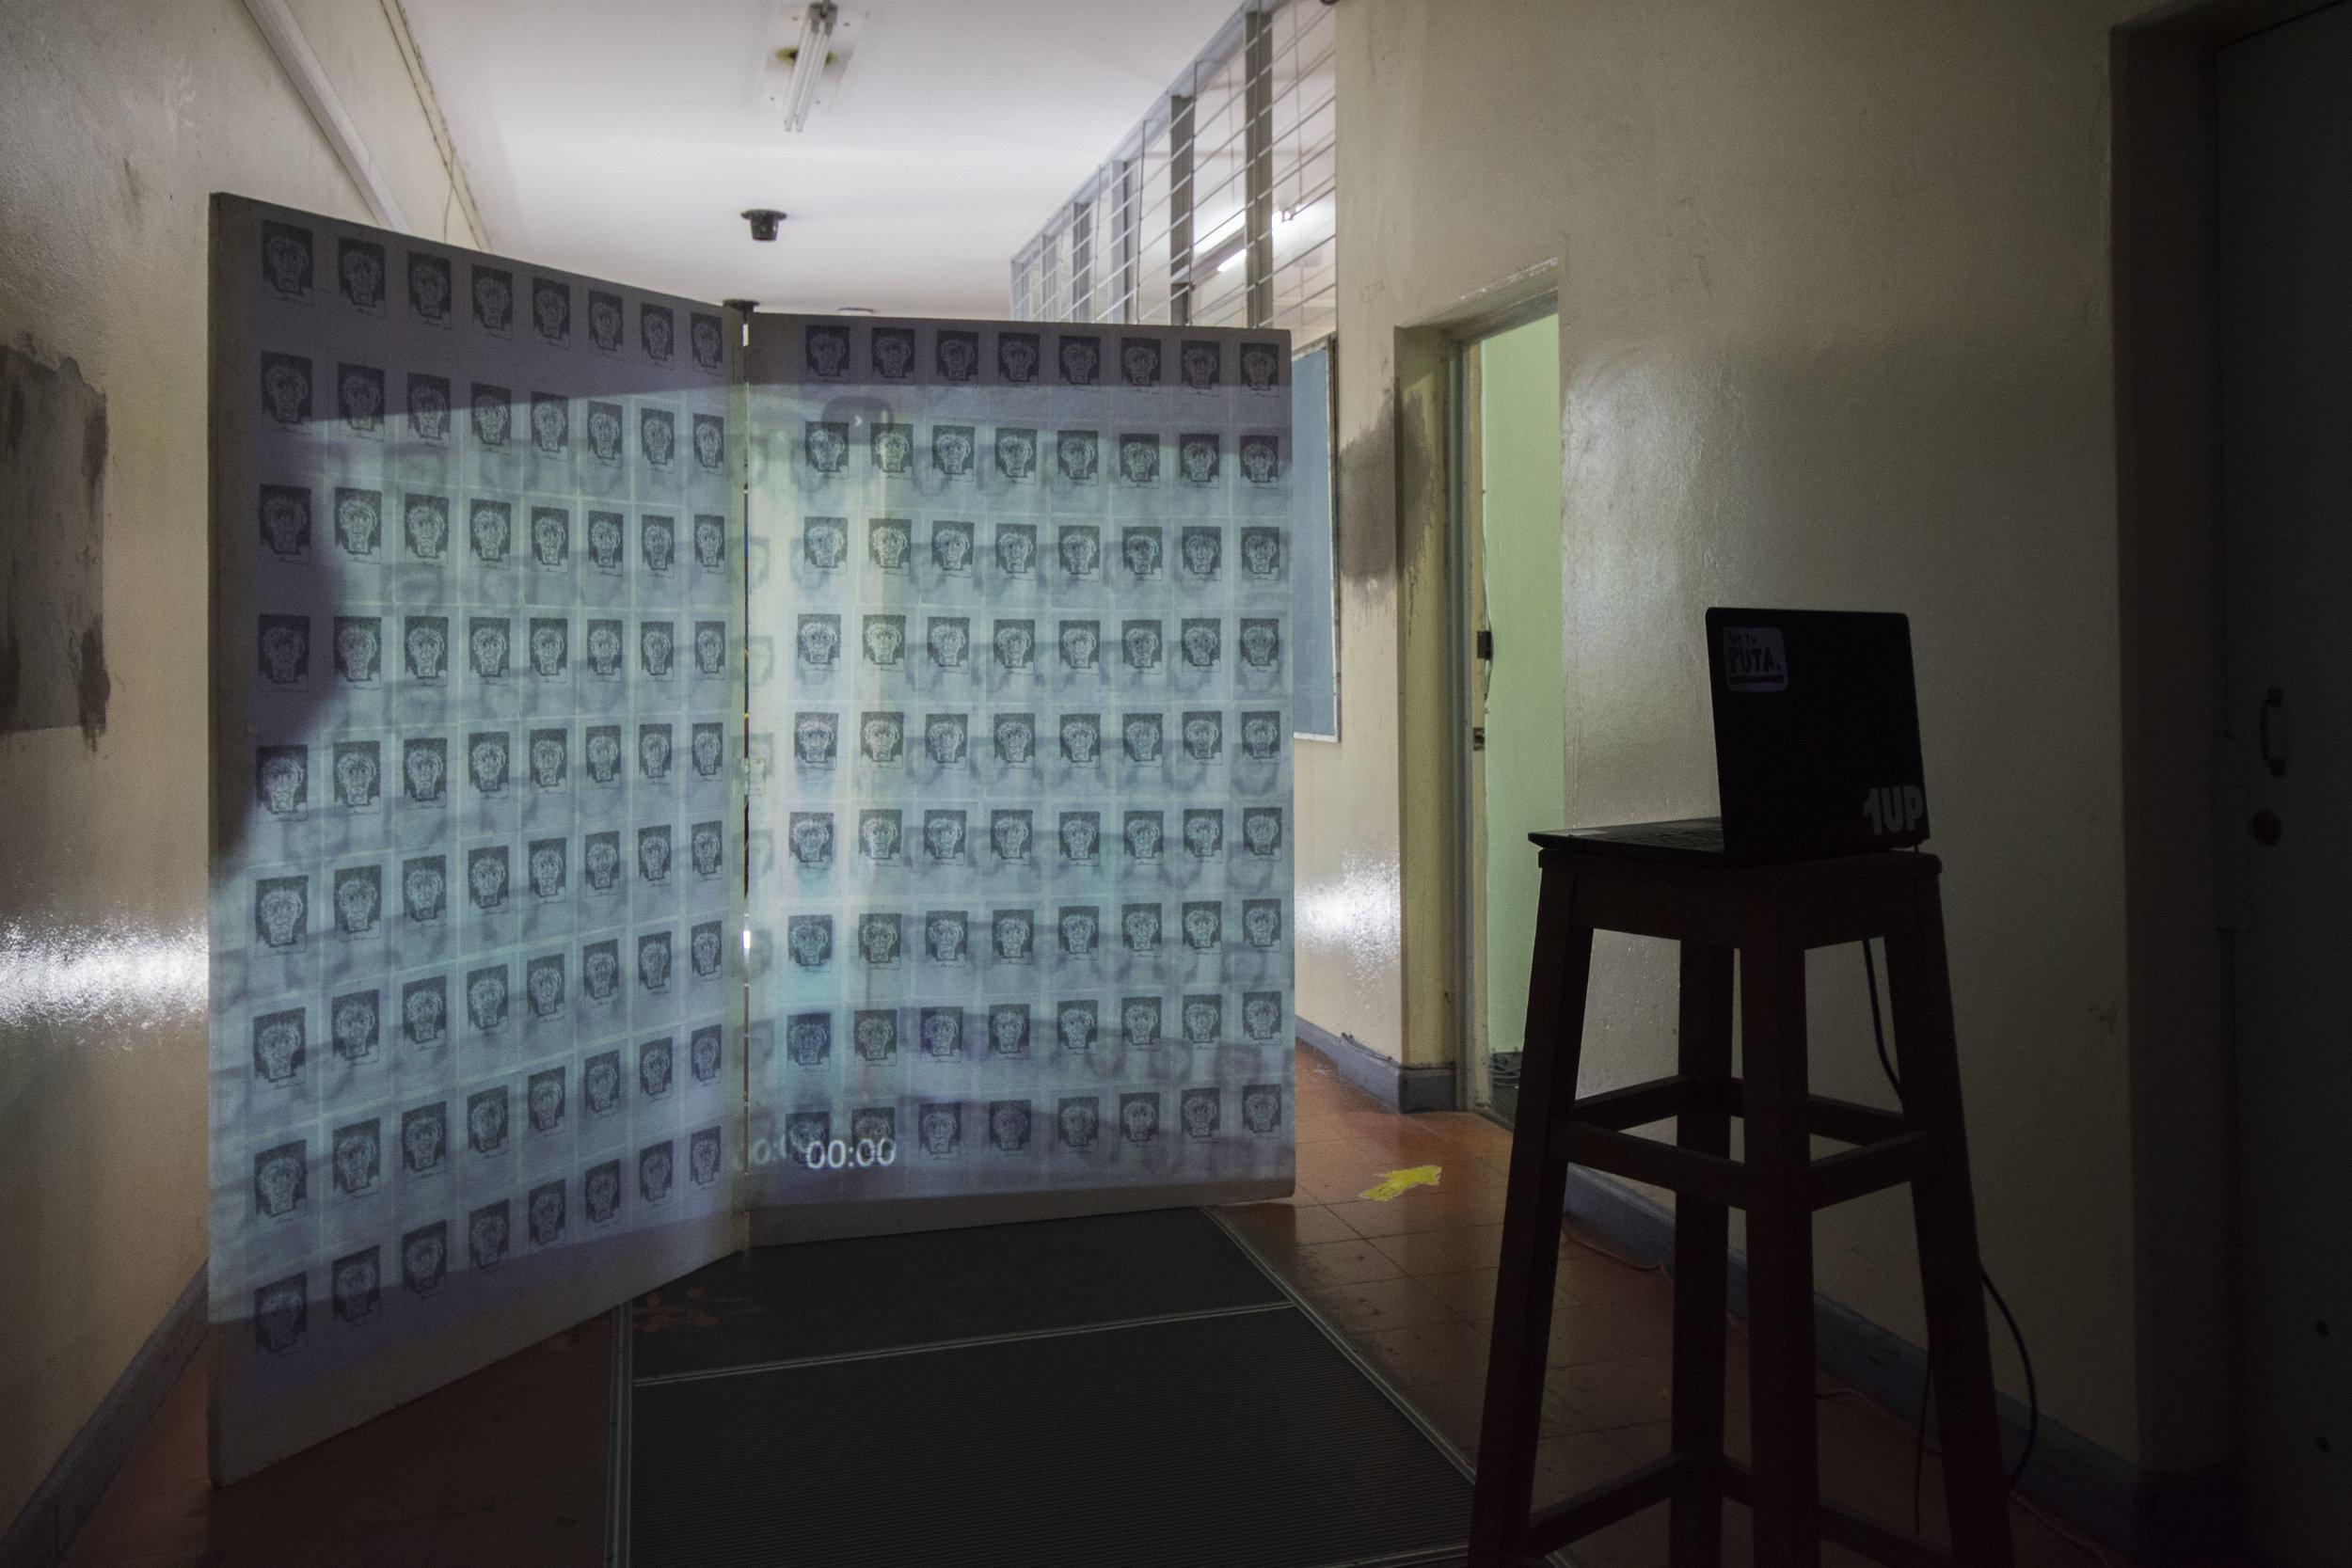 instalación:    joseph fernández      imagen cortesía de    adriana araya